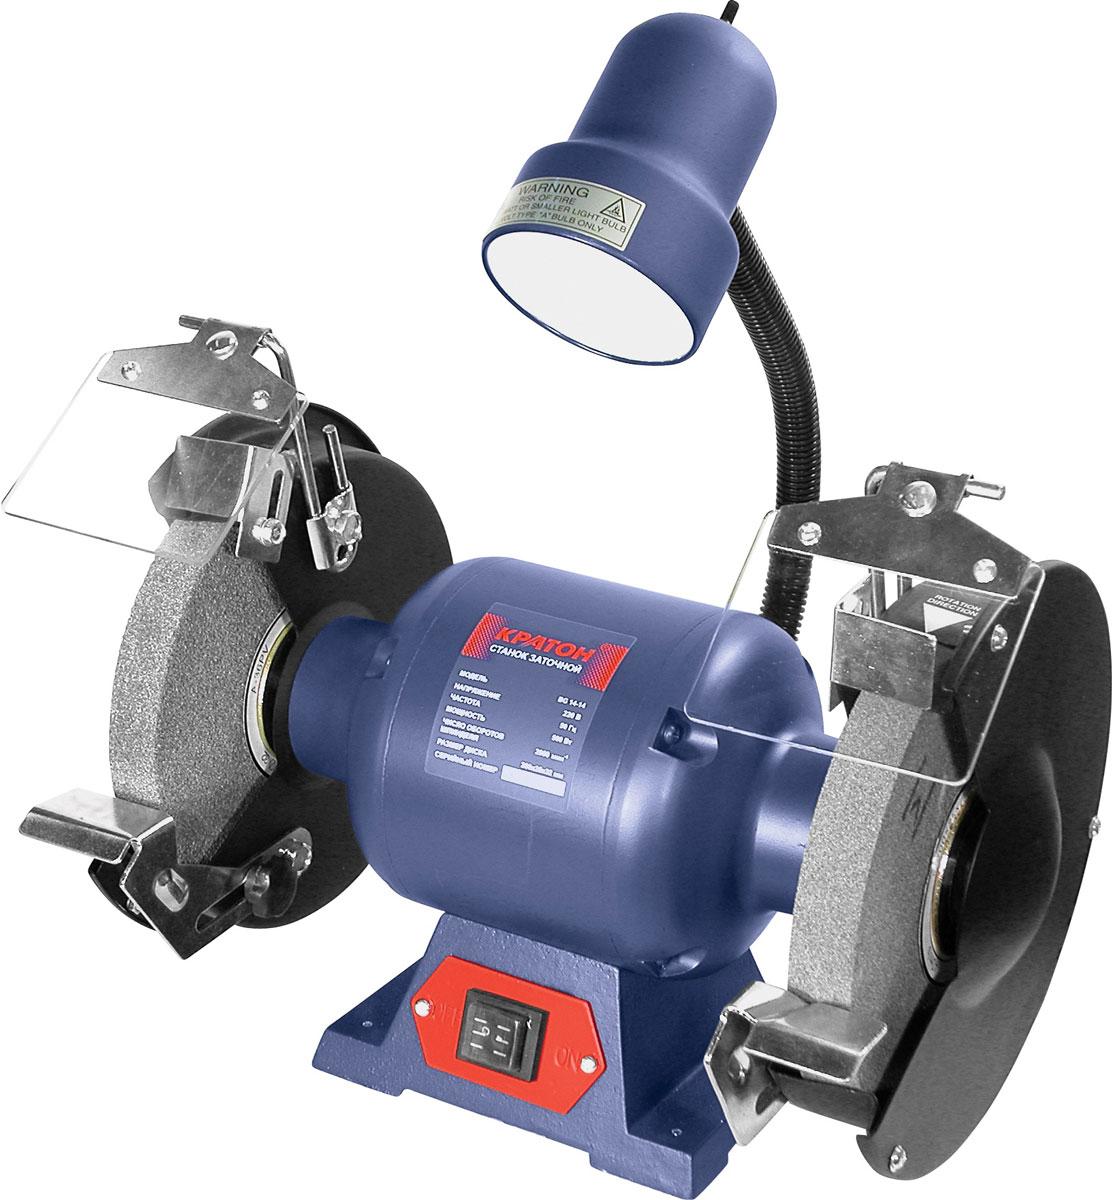 Станок заточной электрический Кратон BG 14-144 02 03 019Станок заточной электрический Кратон BG 14-14 имеет подсветку рабочей зоны, что делает его использование более комфортным. Диаметр установленных шлифовальных кругов составляет 200 мм. Изделие предназначено для обточки и шлифовки различных предметов, а также заточки режущего инструмента. Станок прост в использовании и не требует специального ухода, достаточно только содержать его в чистоте. Технические характеристики: Мощность двигателя, Вт 560; Напряжение, В 220; Частота вращения шлиф. круга, об/мин 2950; Частота вращения второго шлиф. круга, об/мин 2950; Передача прямая; Тип электродвигателя асинхронный; Вес, кг 12.85; Посадочный диаметр, мм 32; Размер заточного круга, мм 200; Размер второго заточного круга, мм 200; Толщина круга, мм 25; Толщина второго круга, мм 32.